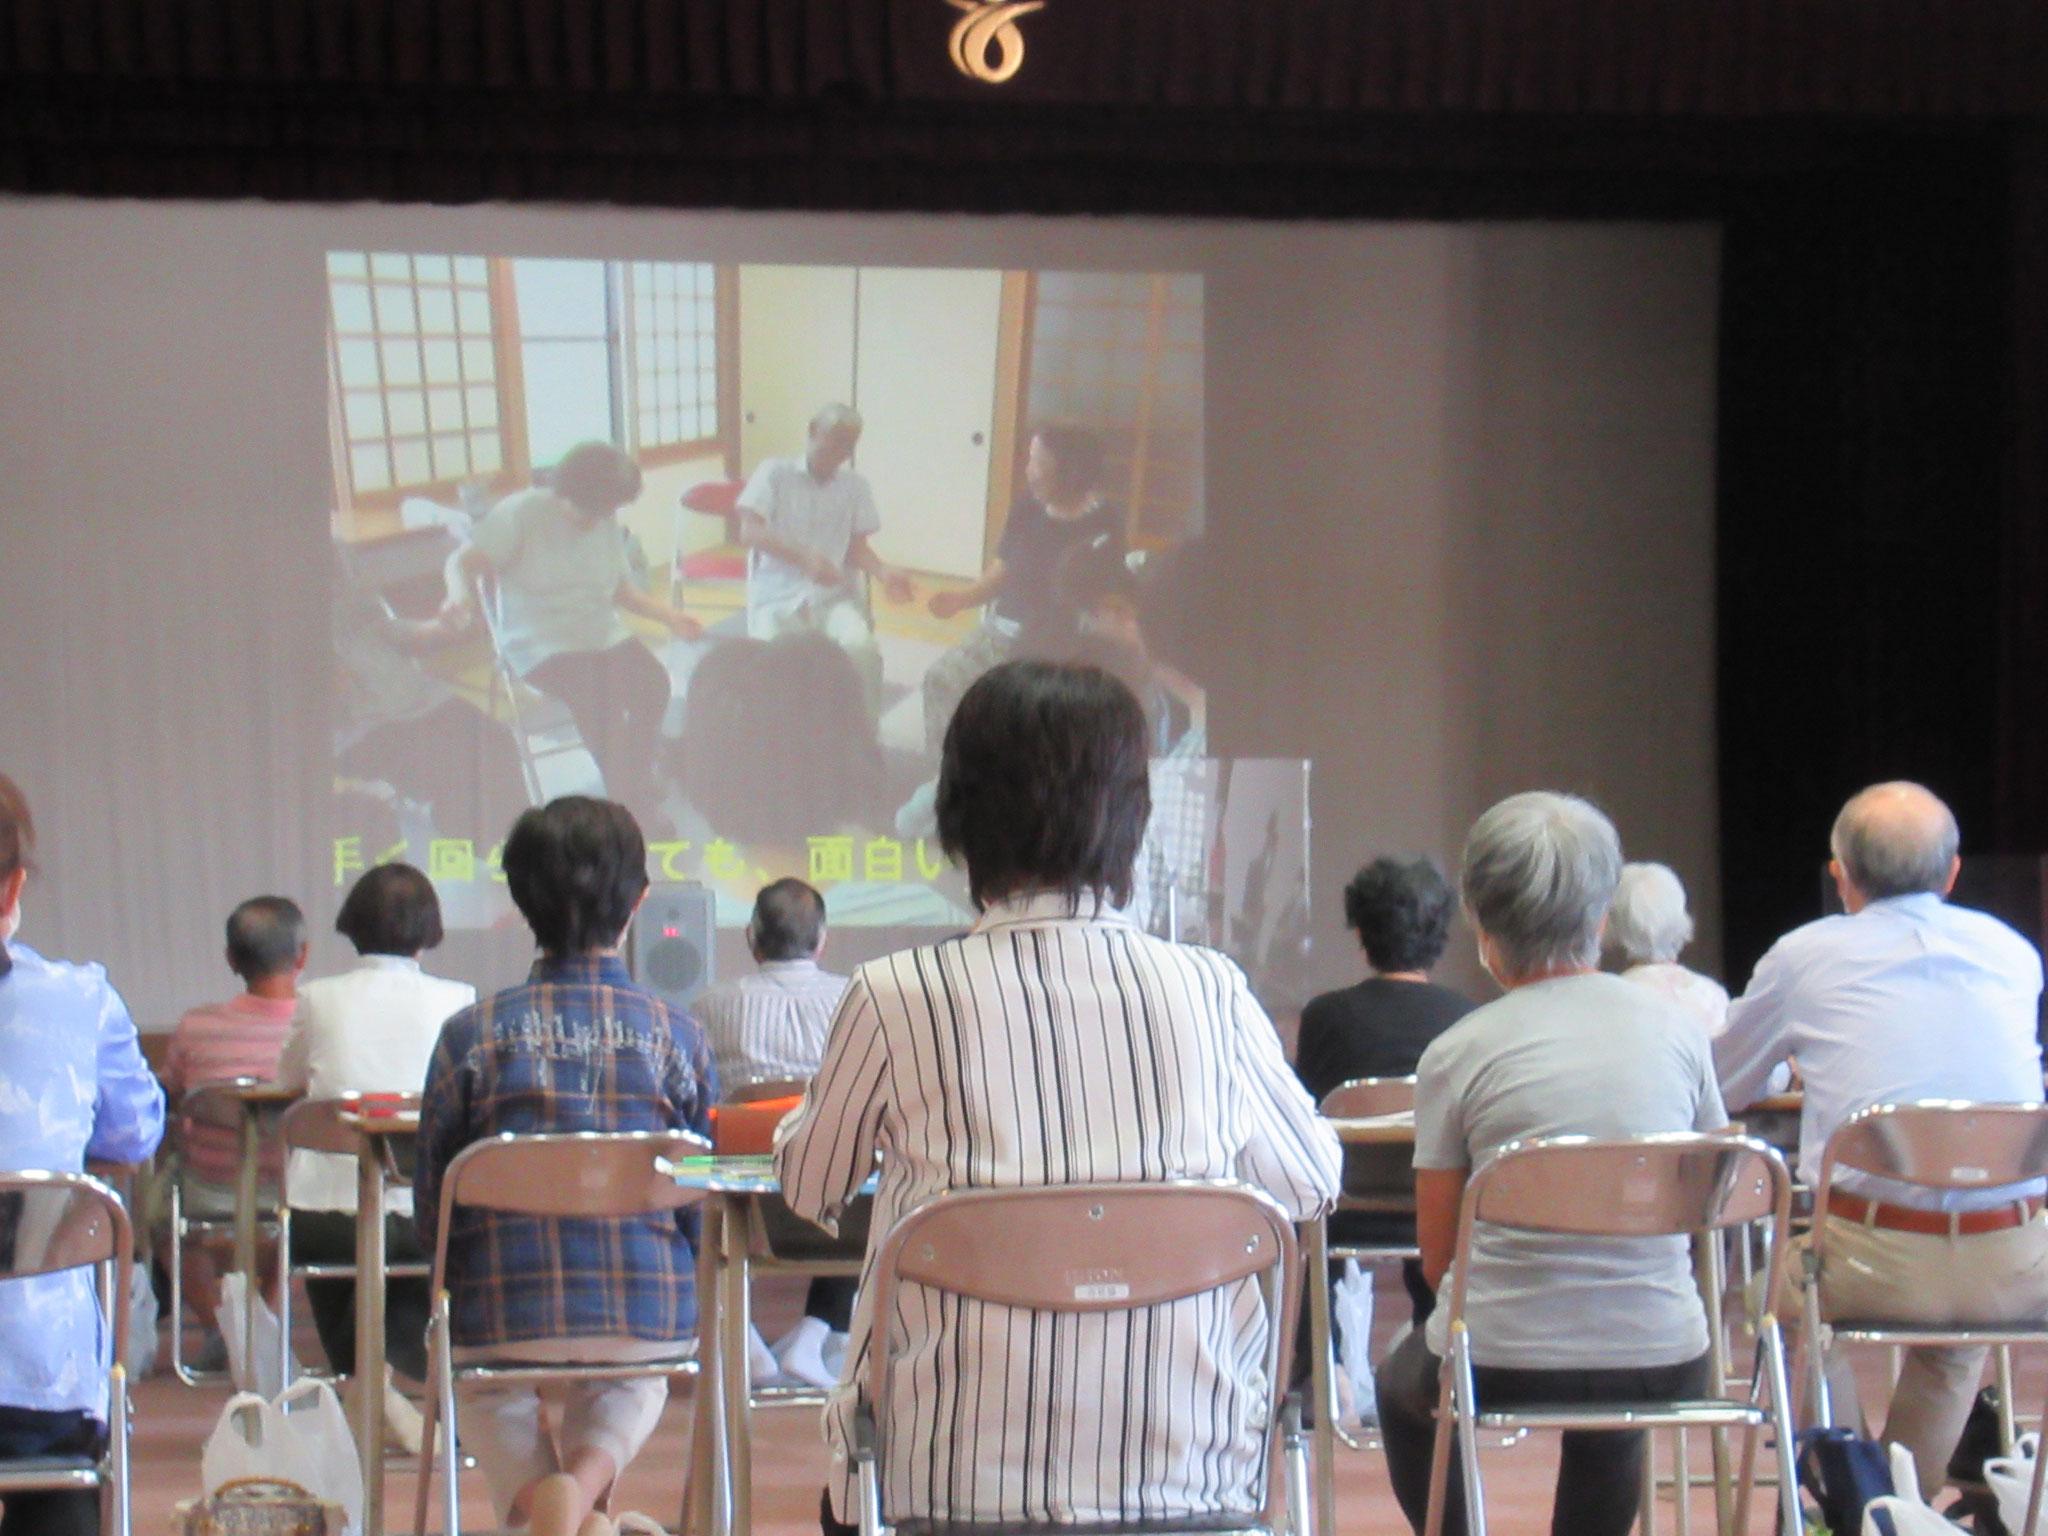 9月9日(木) 町の現状と課題について 吉野ヶ里町福祉課職員様